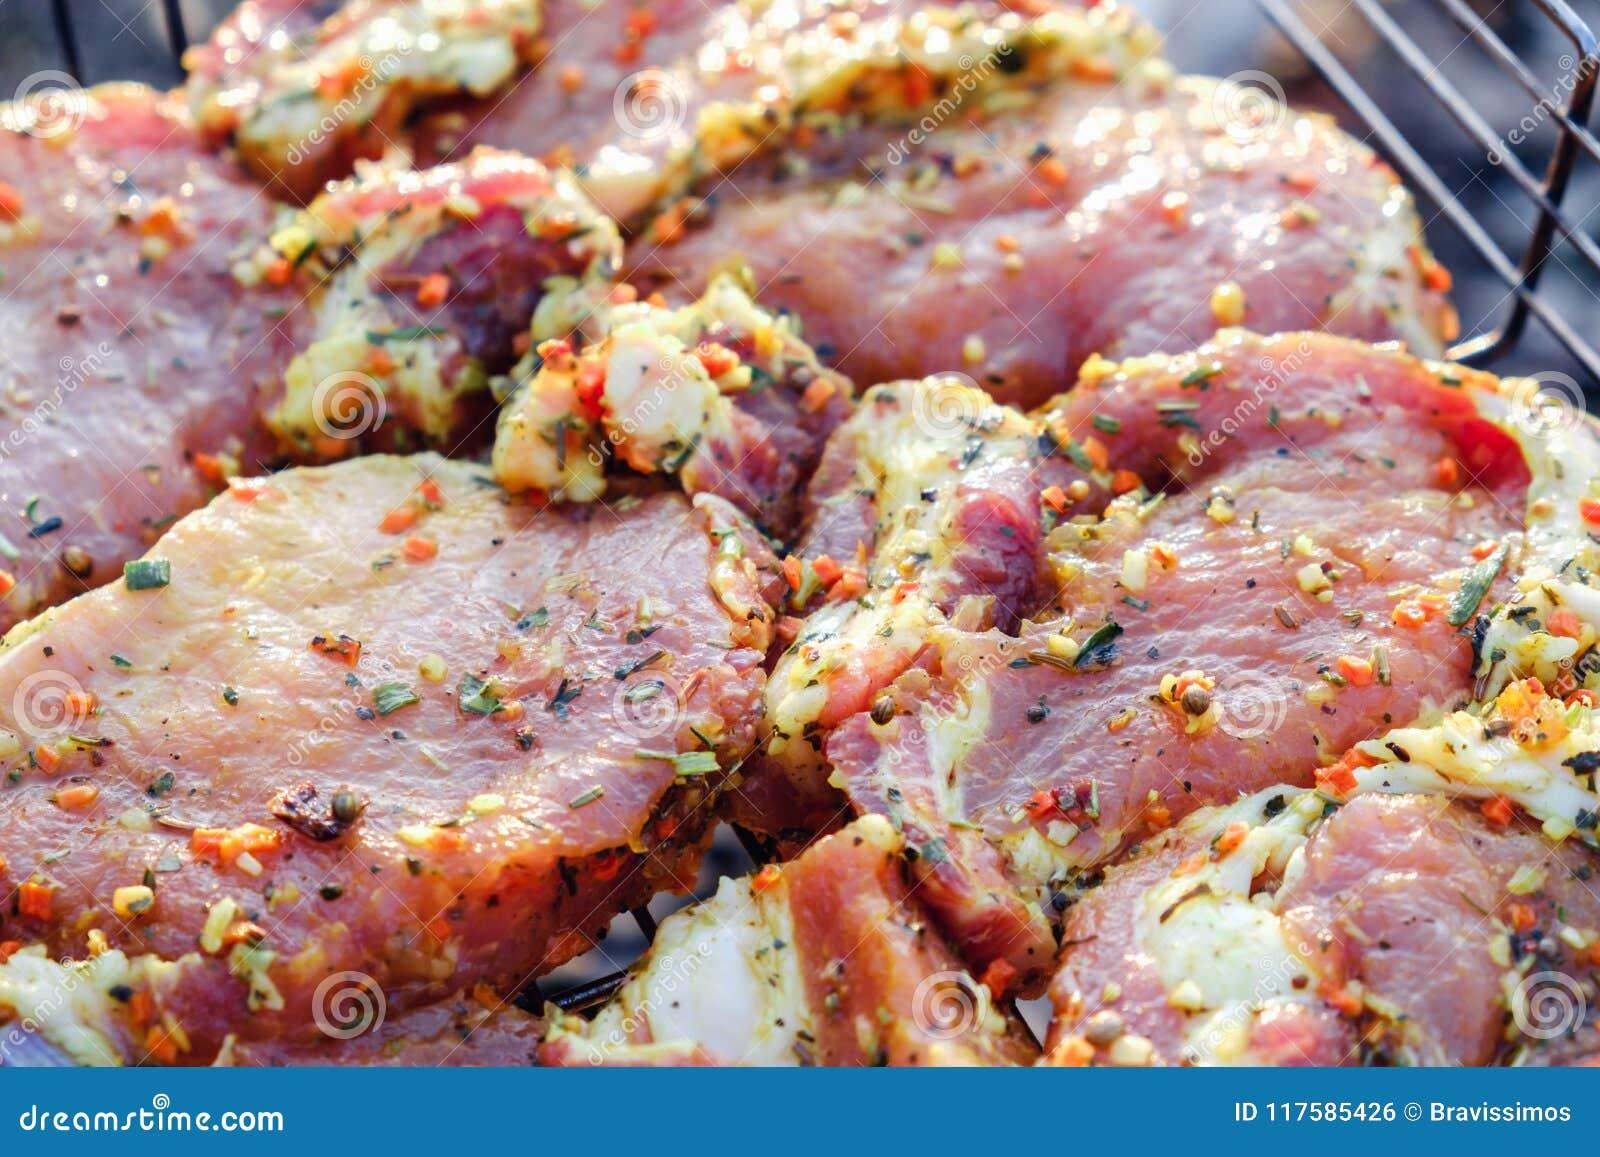 Rindfleischfleischsteaks Frischer roher Schweinefleischhals für Steak mit Krautgewürzen auf einem Grillgrill